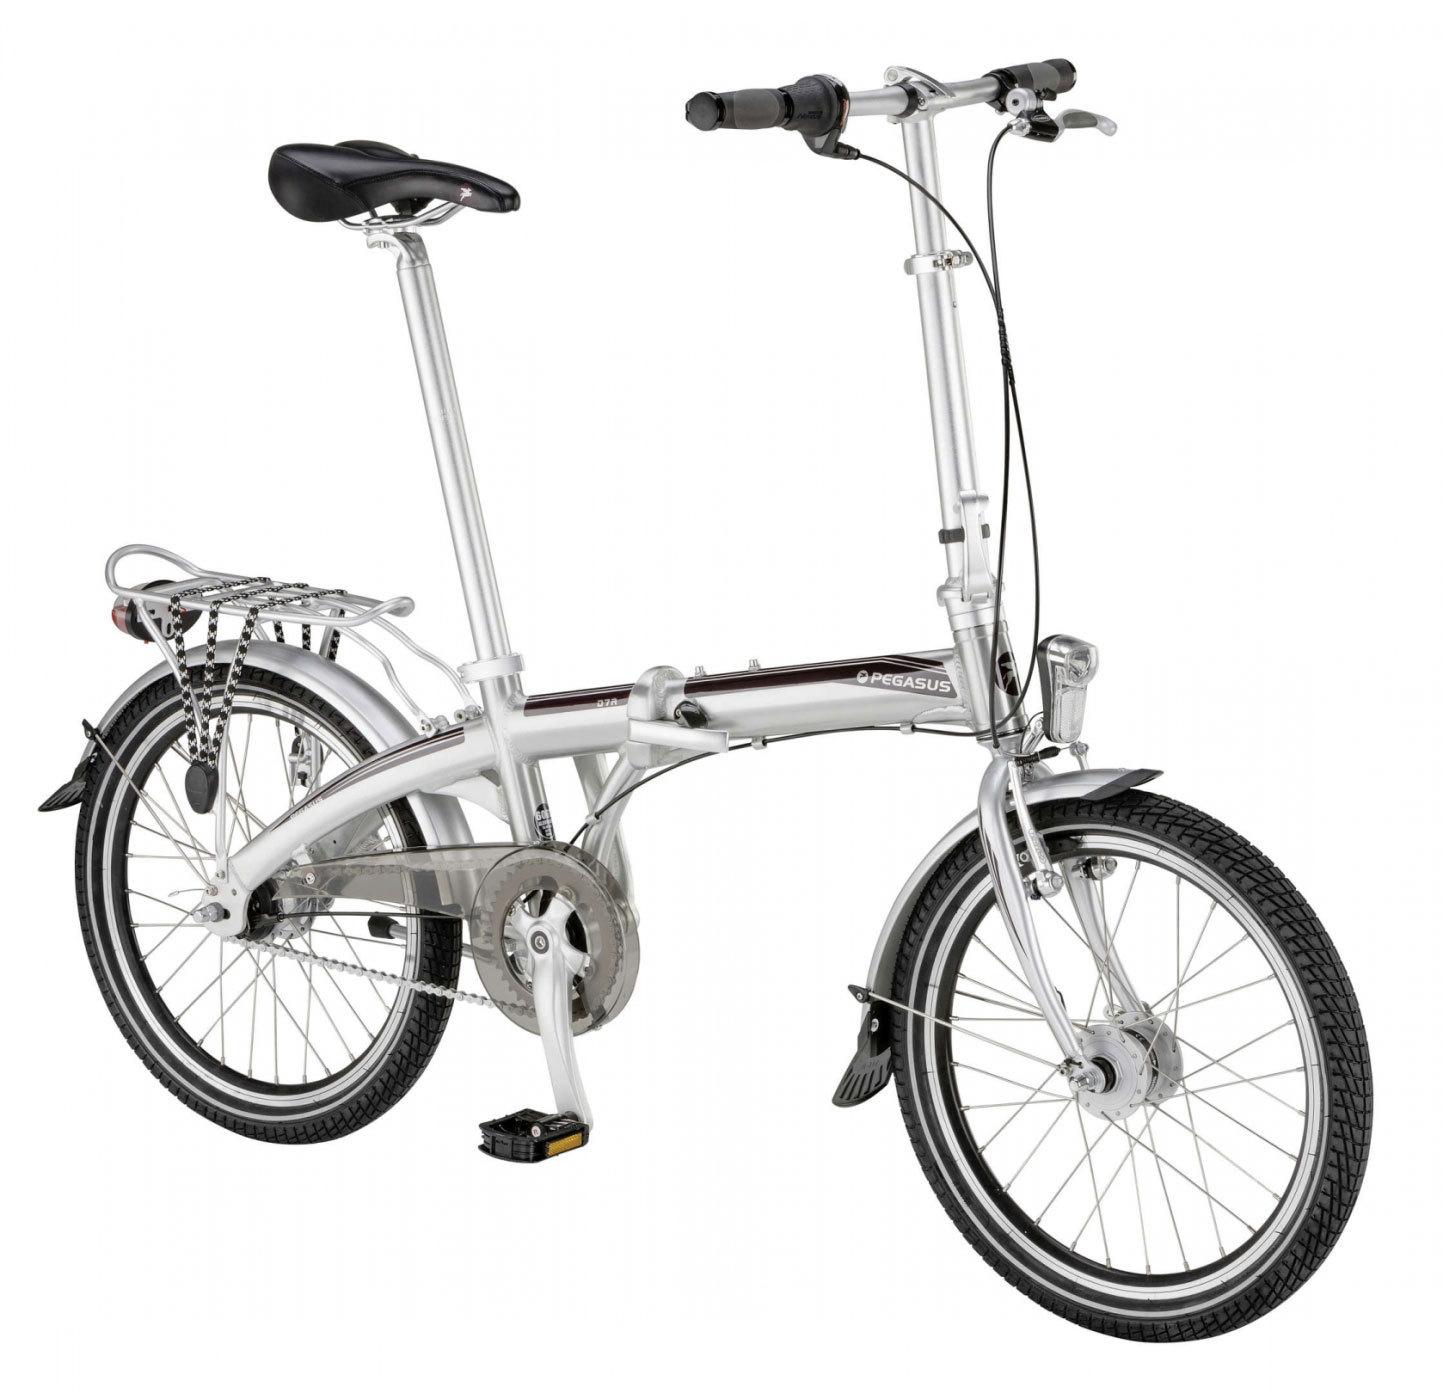 faltrad pegasus d7a silber 20 zoll falt klapp fahrrad 20. Black Bedroom Furniture Sets. Home Design Ideas